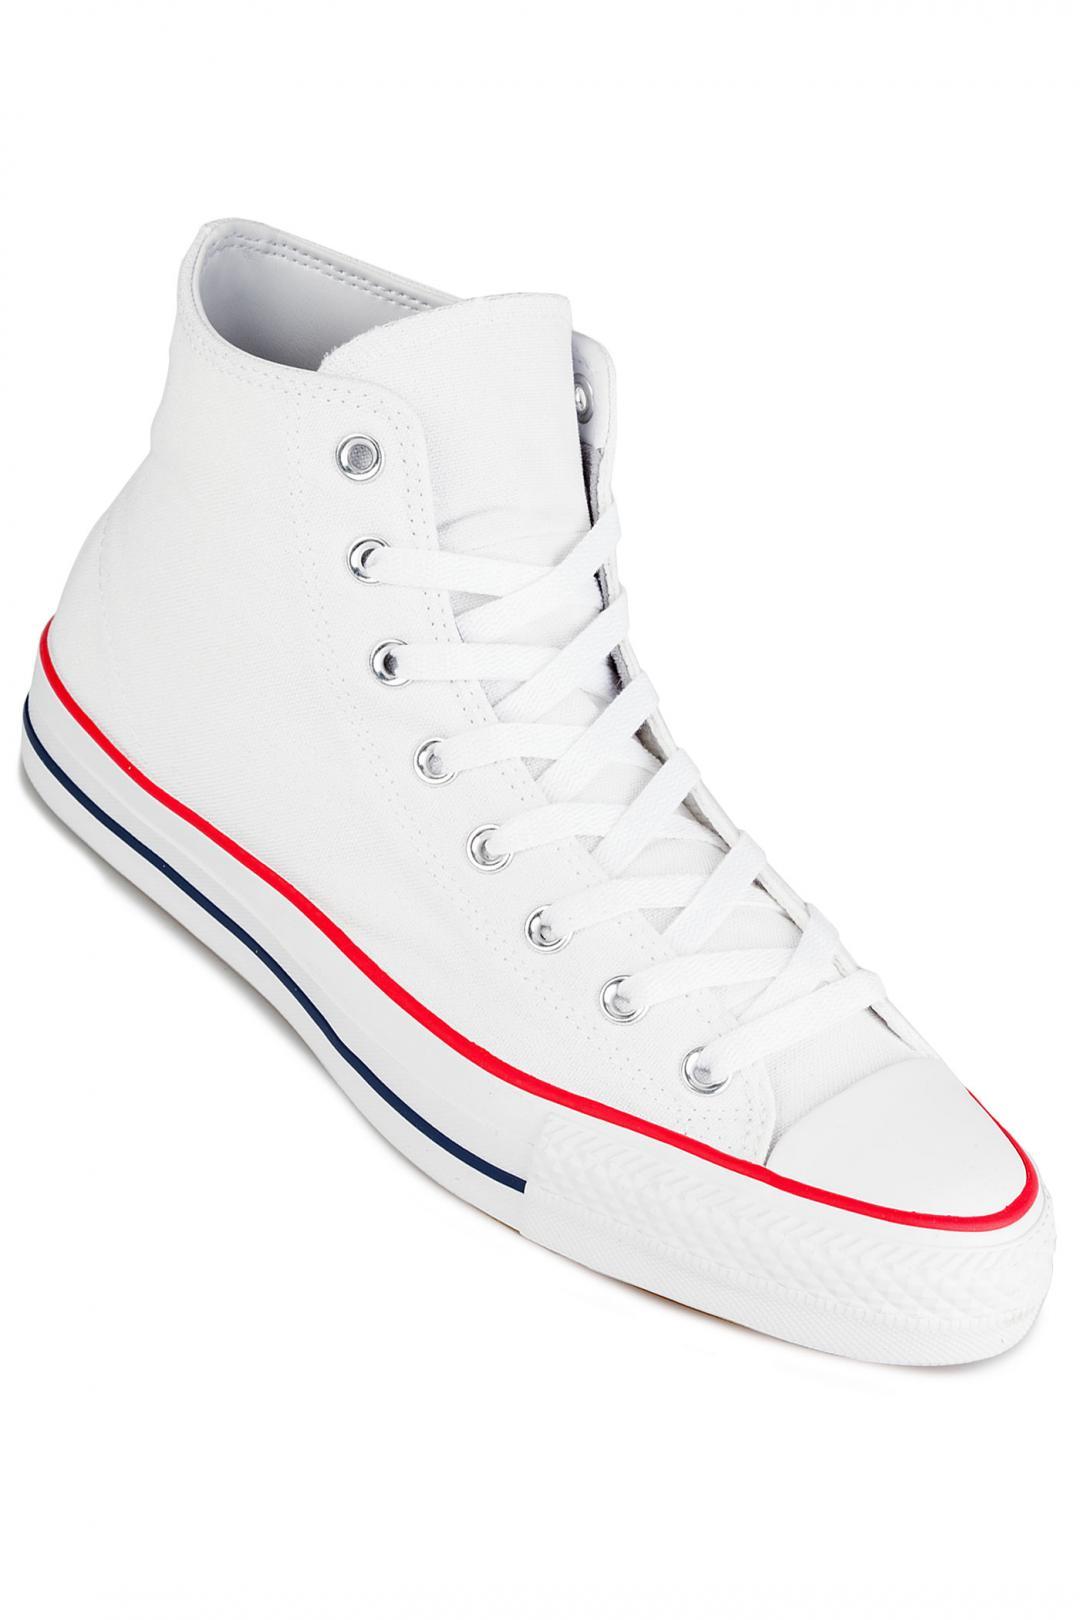 Uomo Converse CONS Chuck Taylor High All Star Pro white red insignia blue | Scarpe da skate